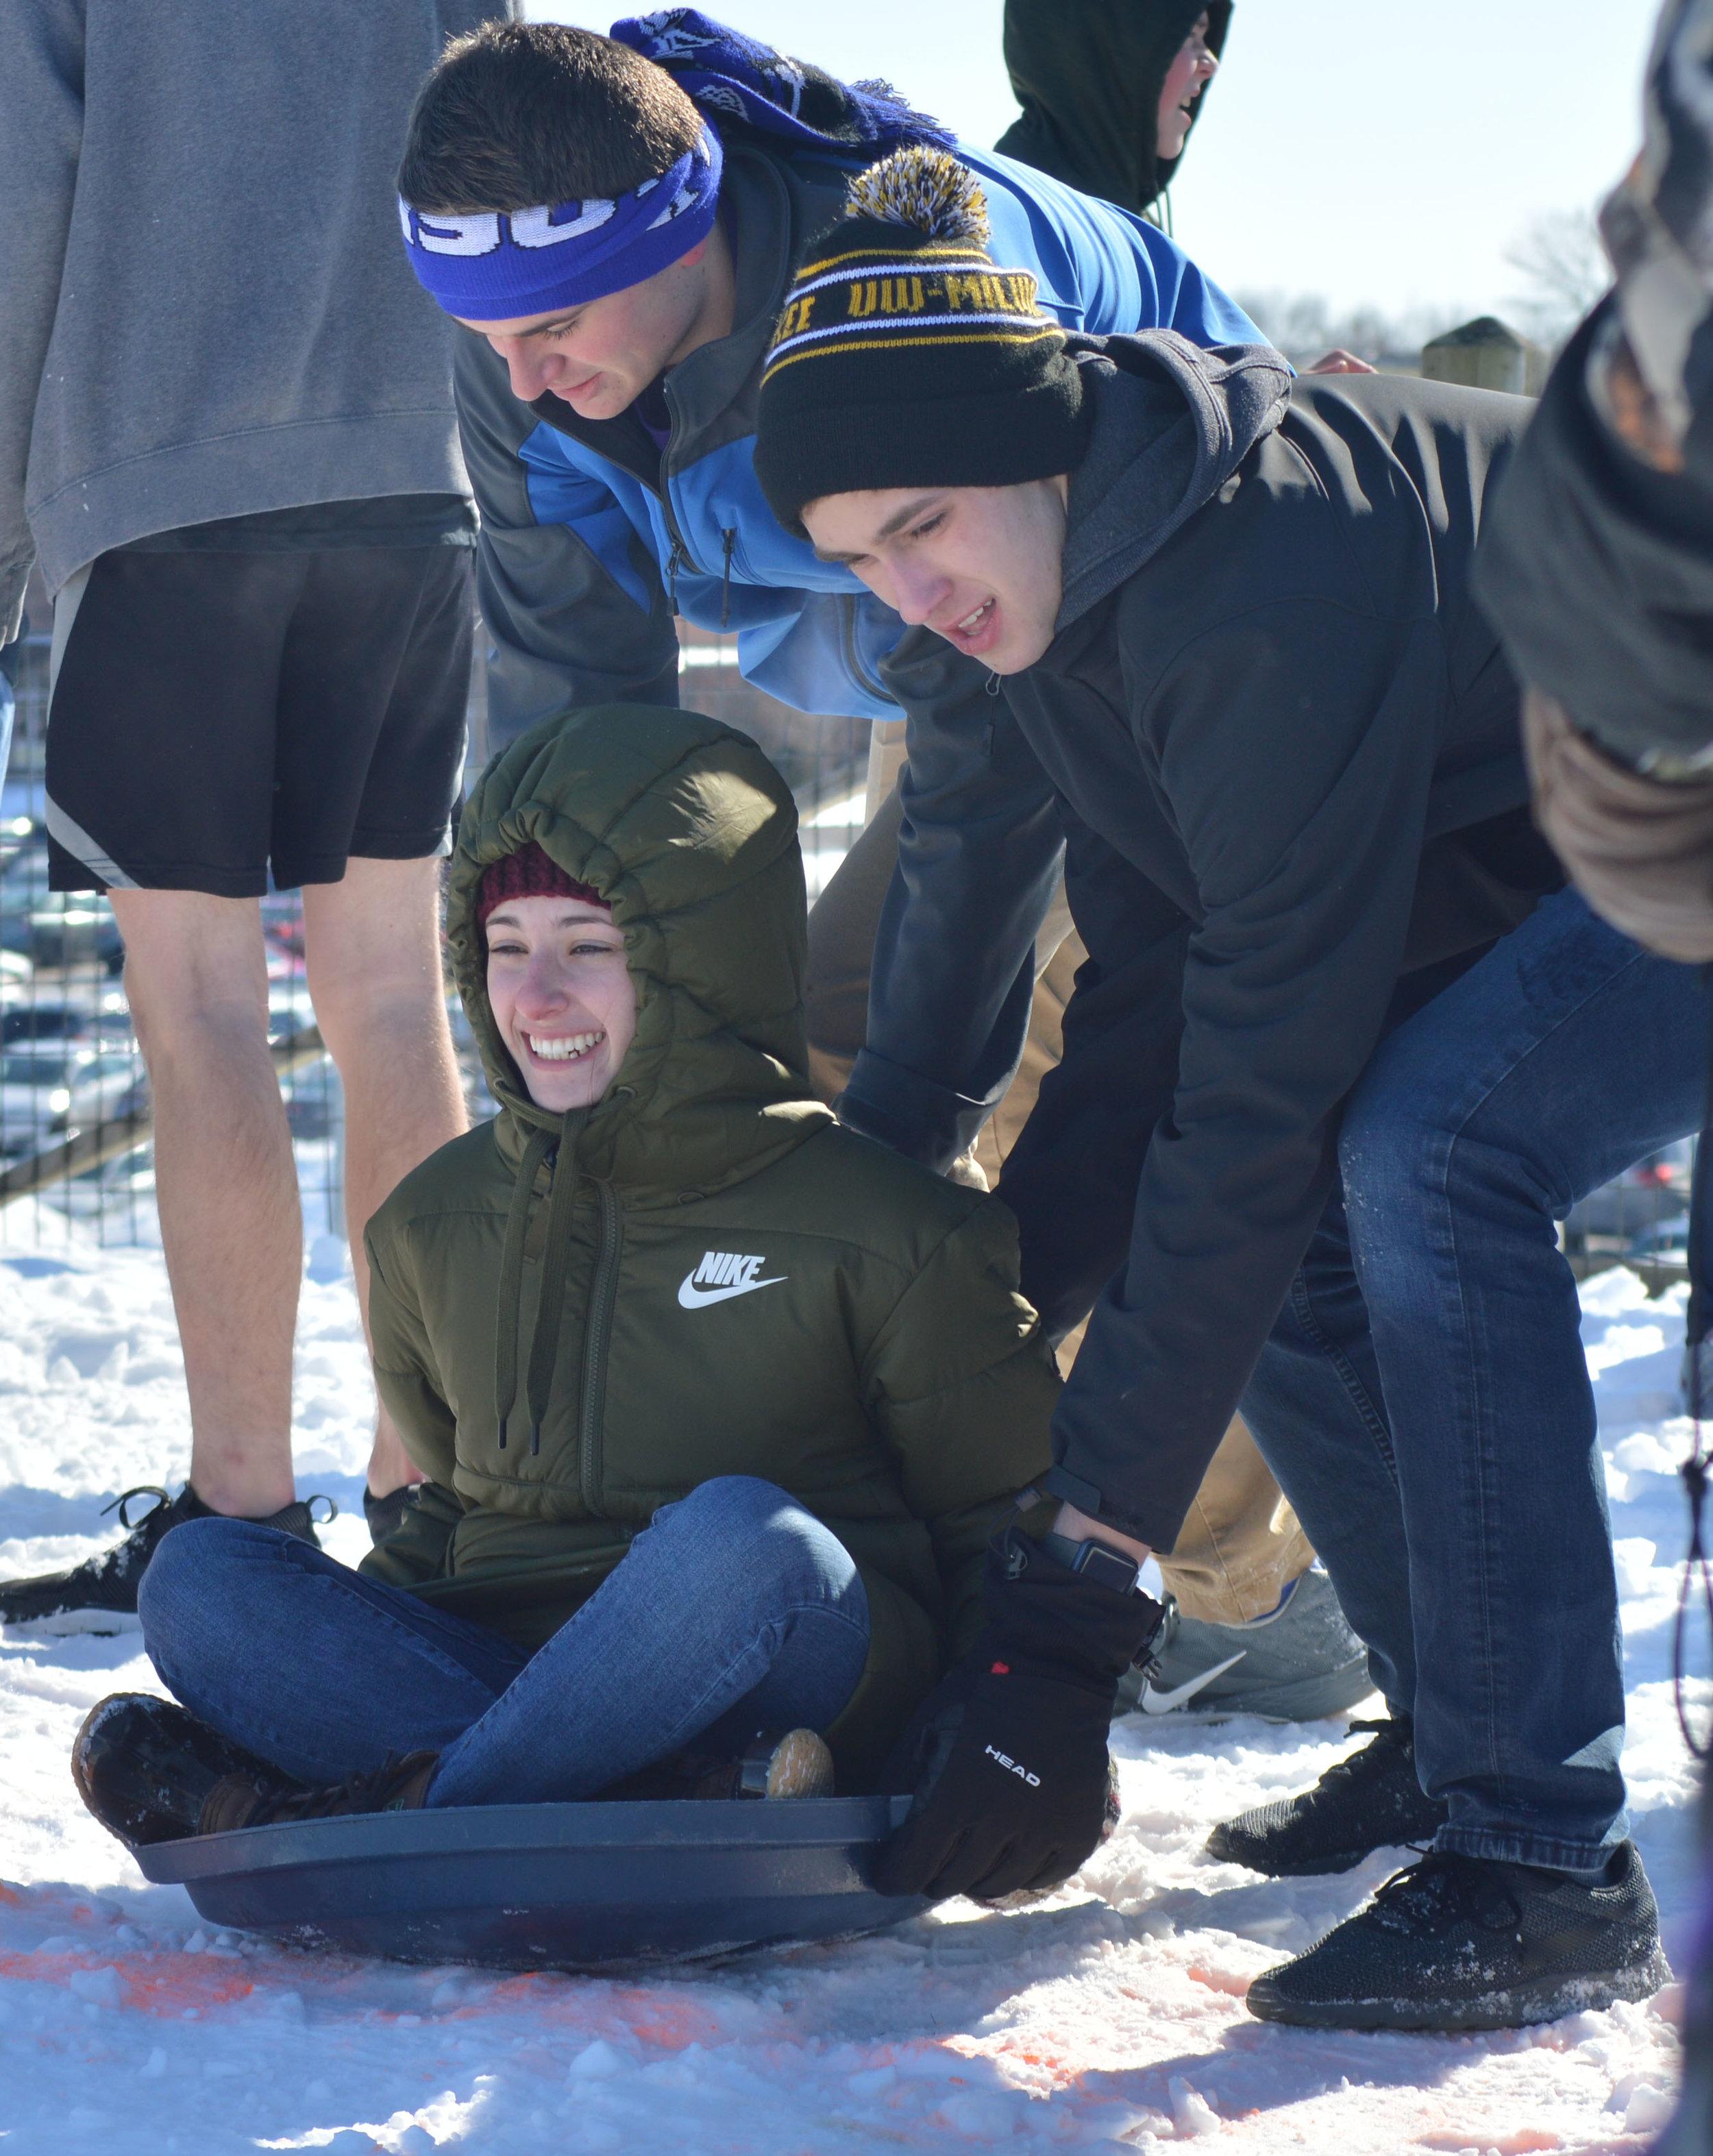 sled 6 cropped.jpg